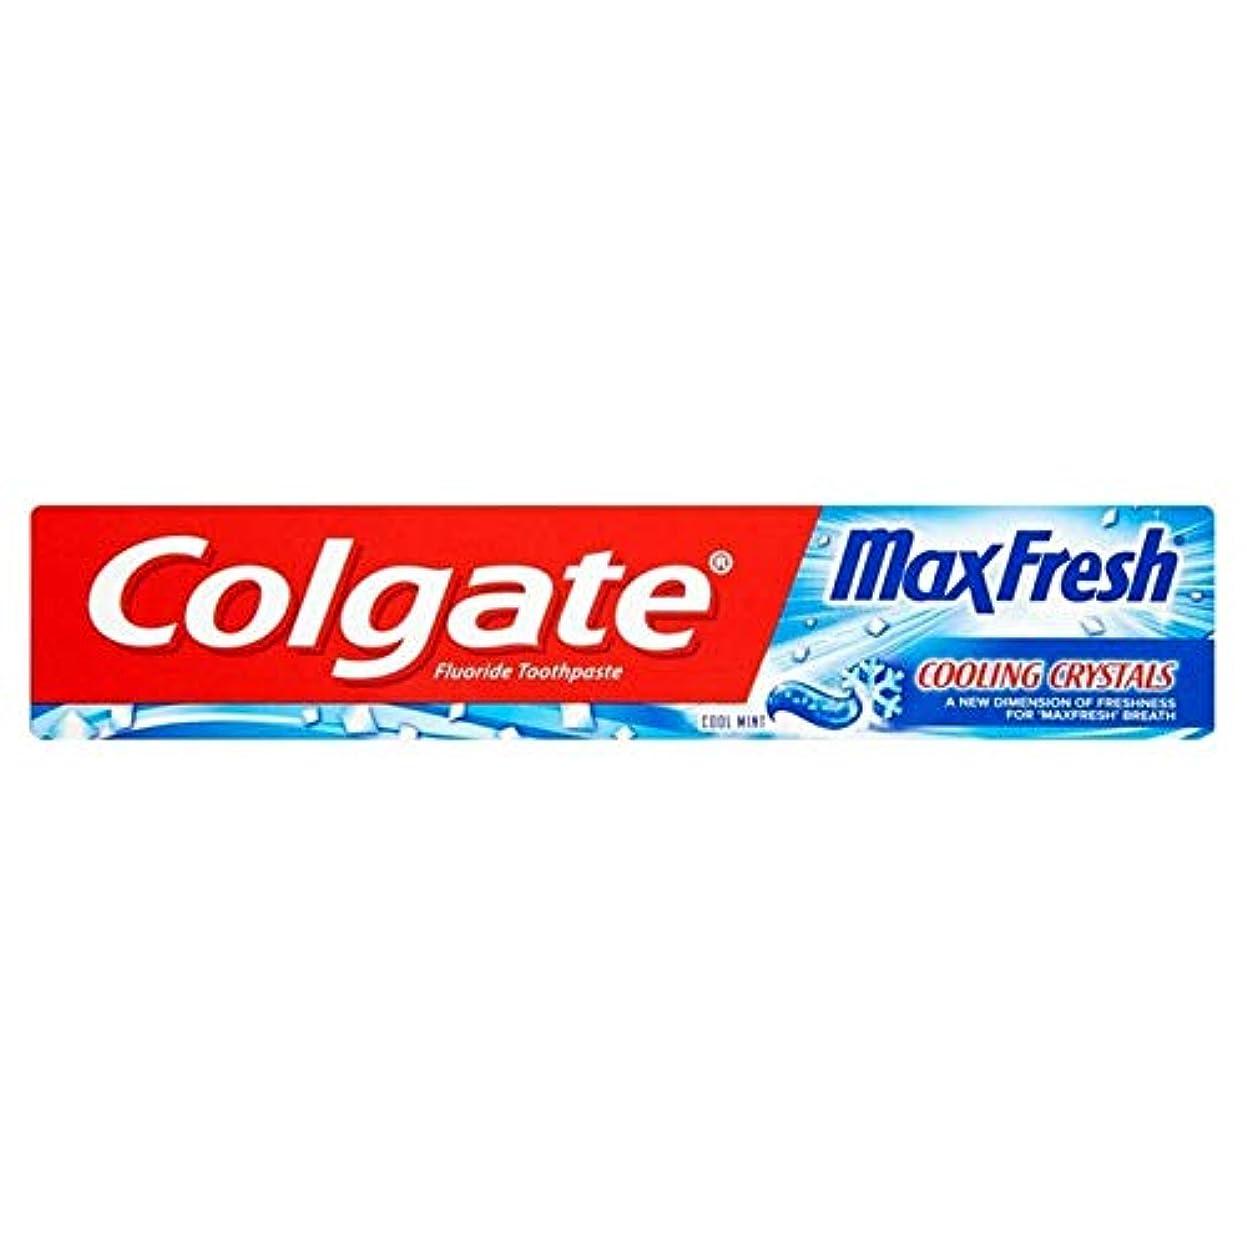 ストライド特別にスプレー[Colgate ] 冷却結晶歯磨き粉75ミリリットル新鮮なコルゲートマックス - Colgate Max Fresh with Cooling Crystals Toothpaste 75ml [並行輸入品]